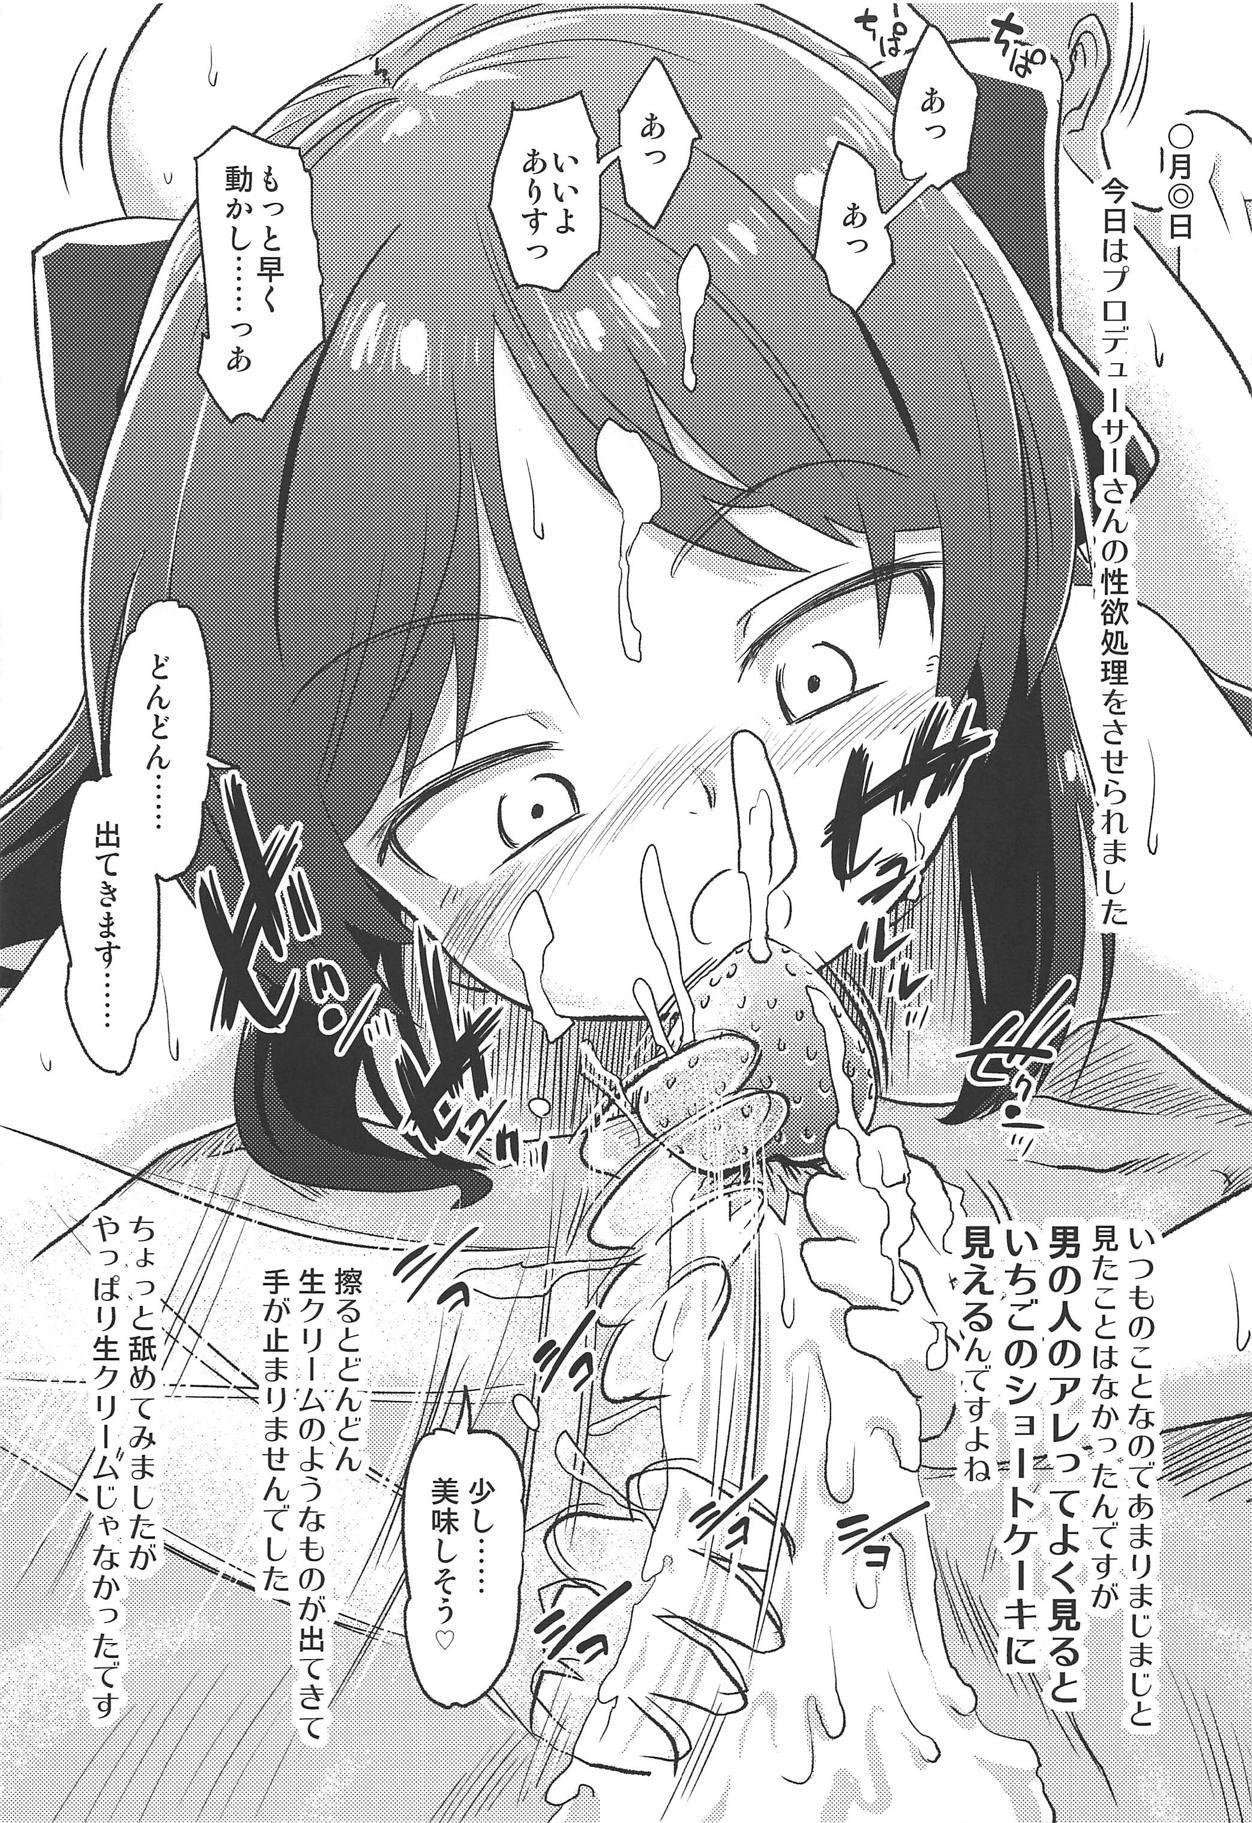 Arisu no Saimin Nikki 2 15